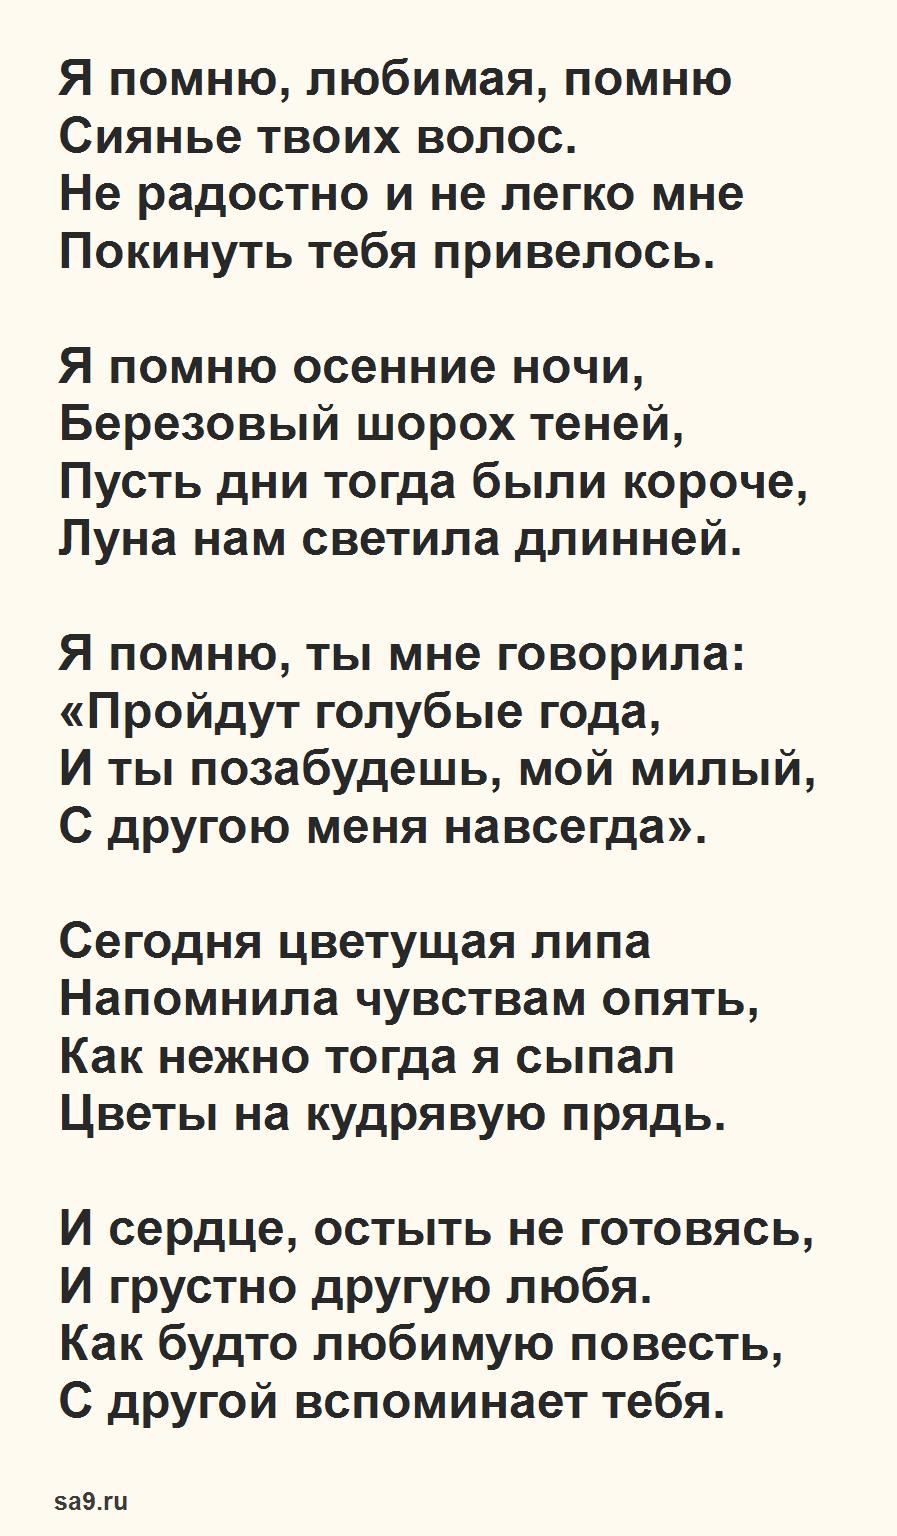 Сергей Есенин стихи - Я помню любимая помню